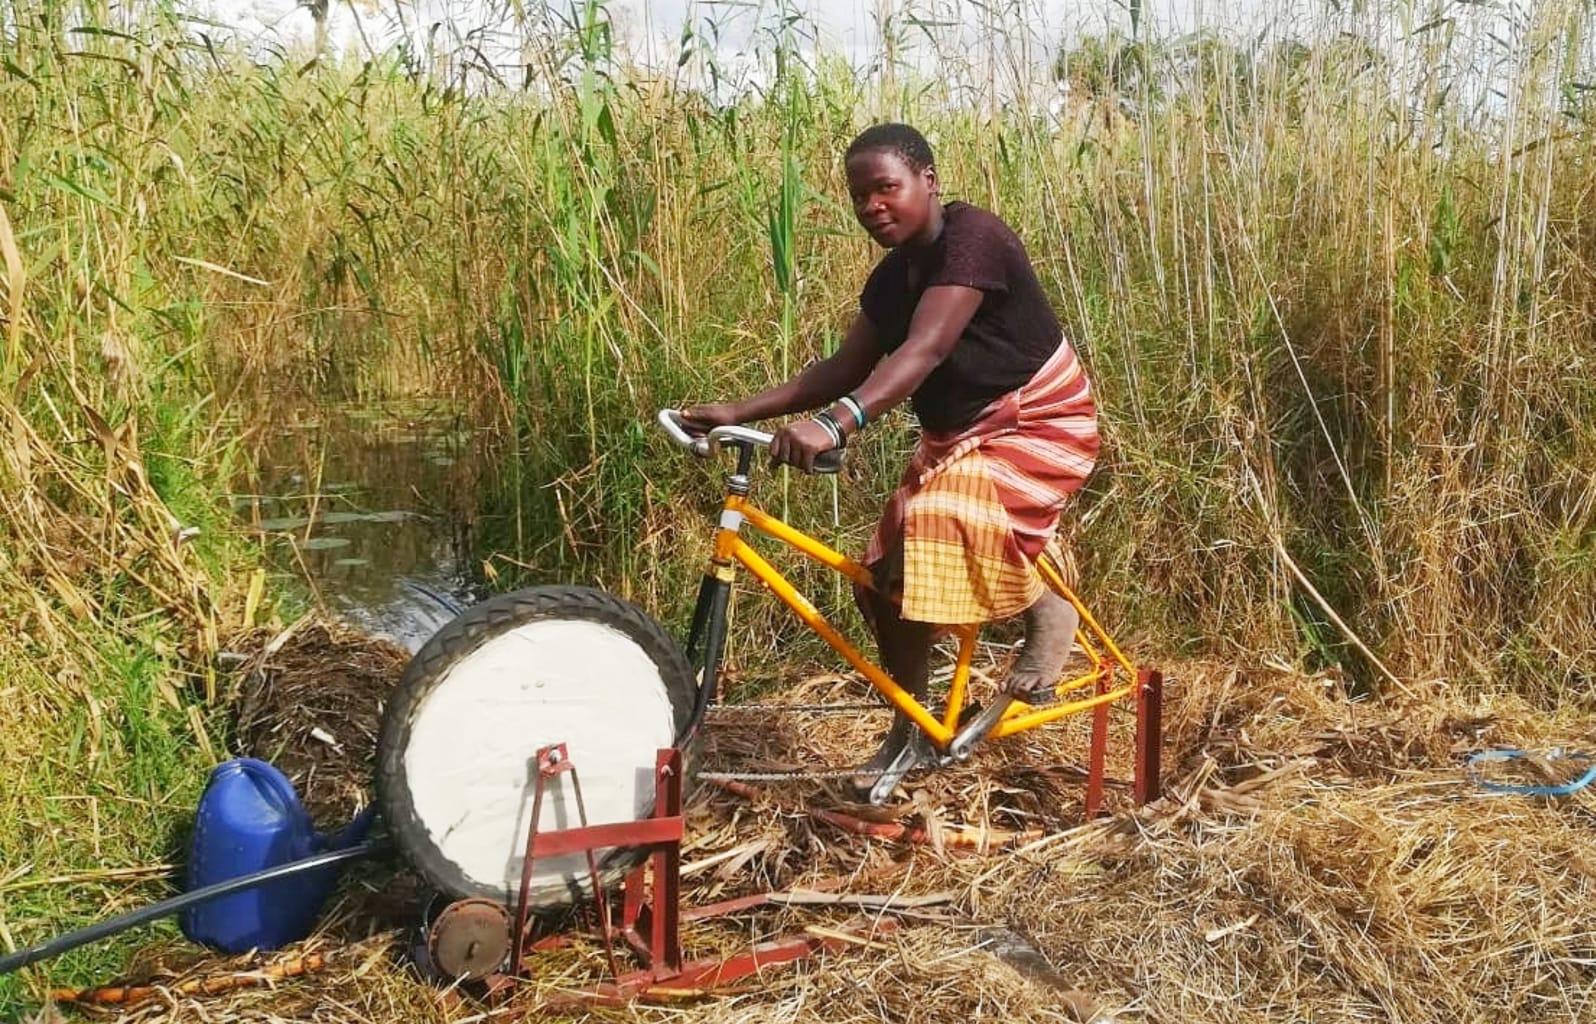 Fina y su modo de vida, la agricultura familiar